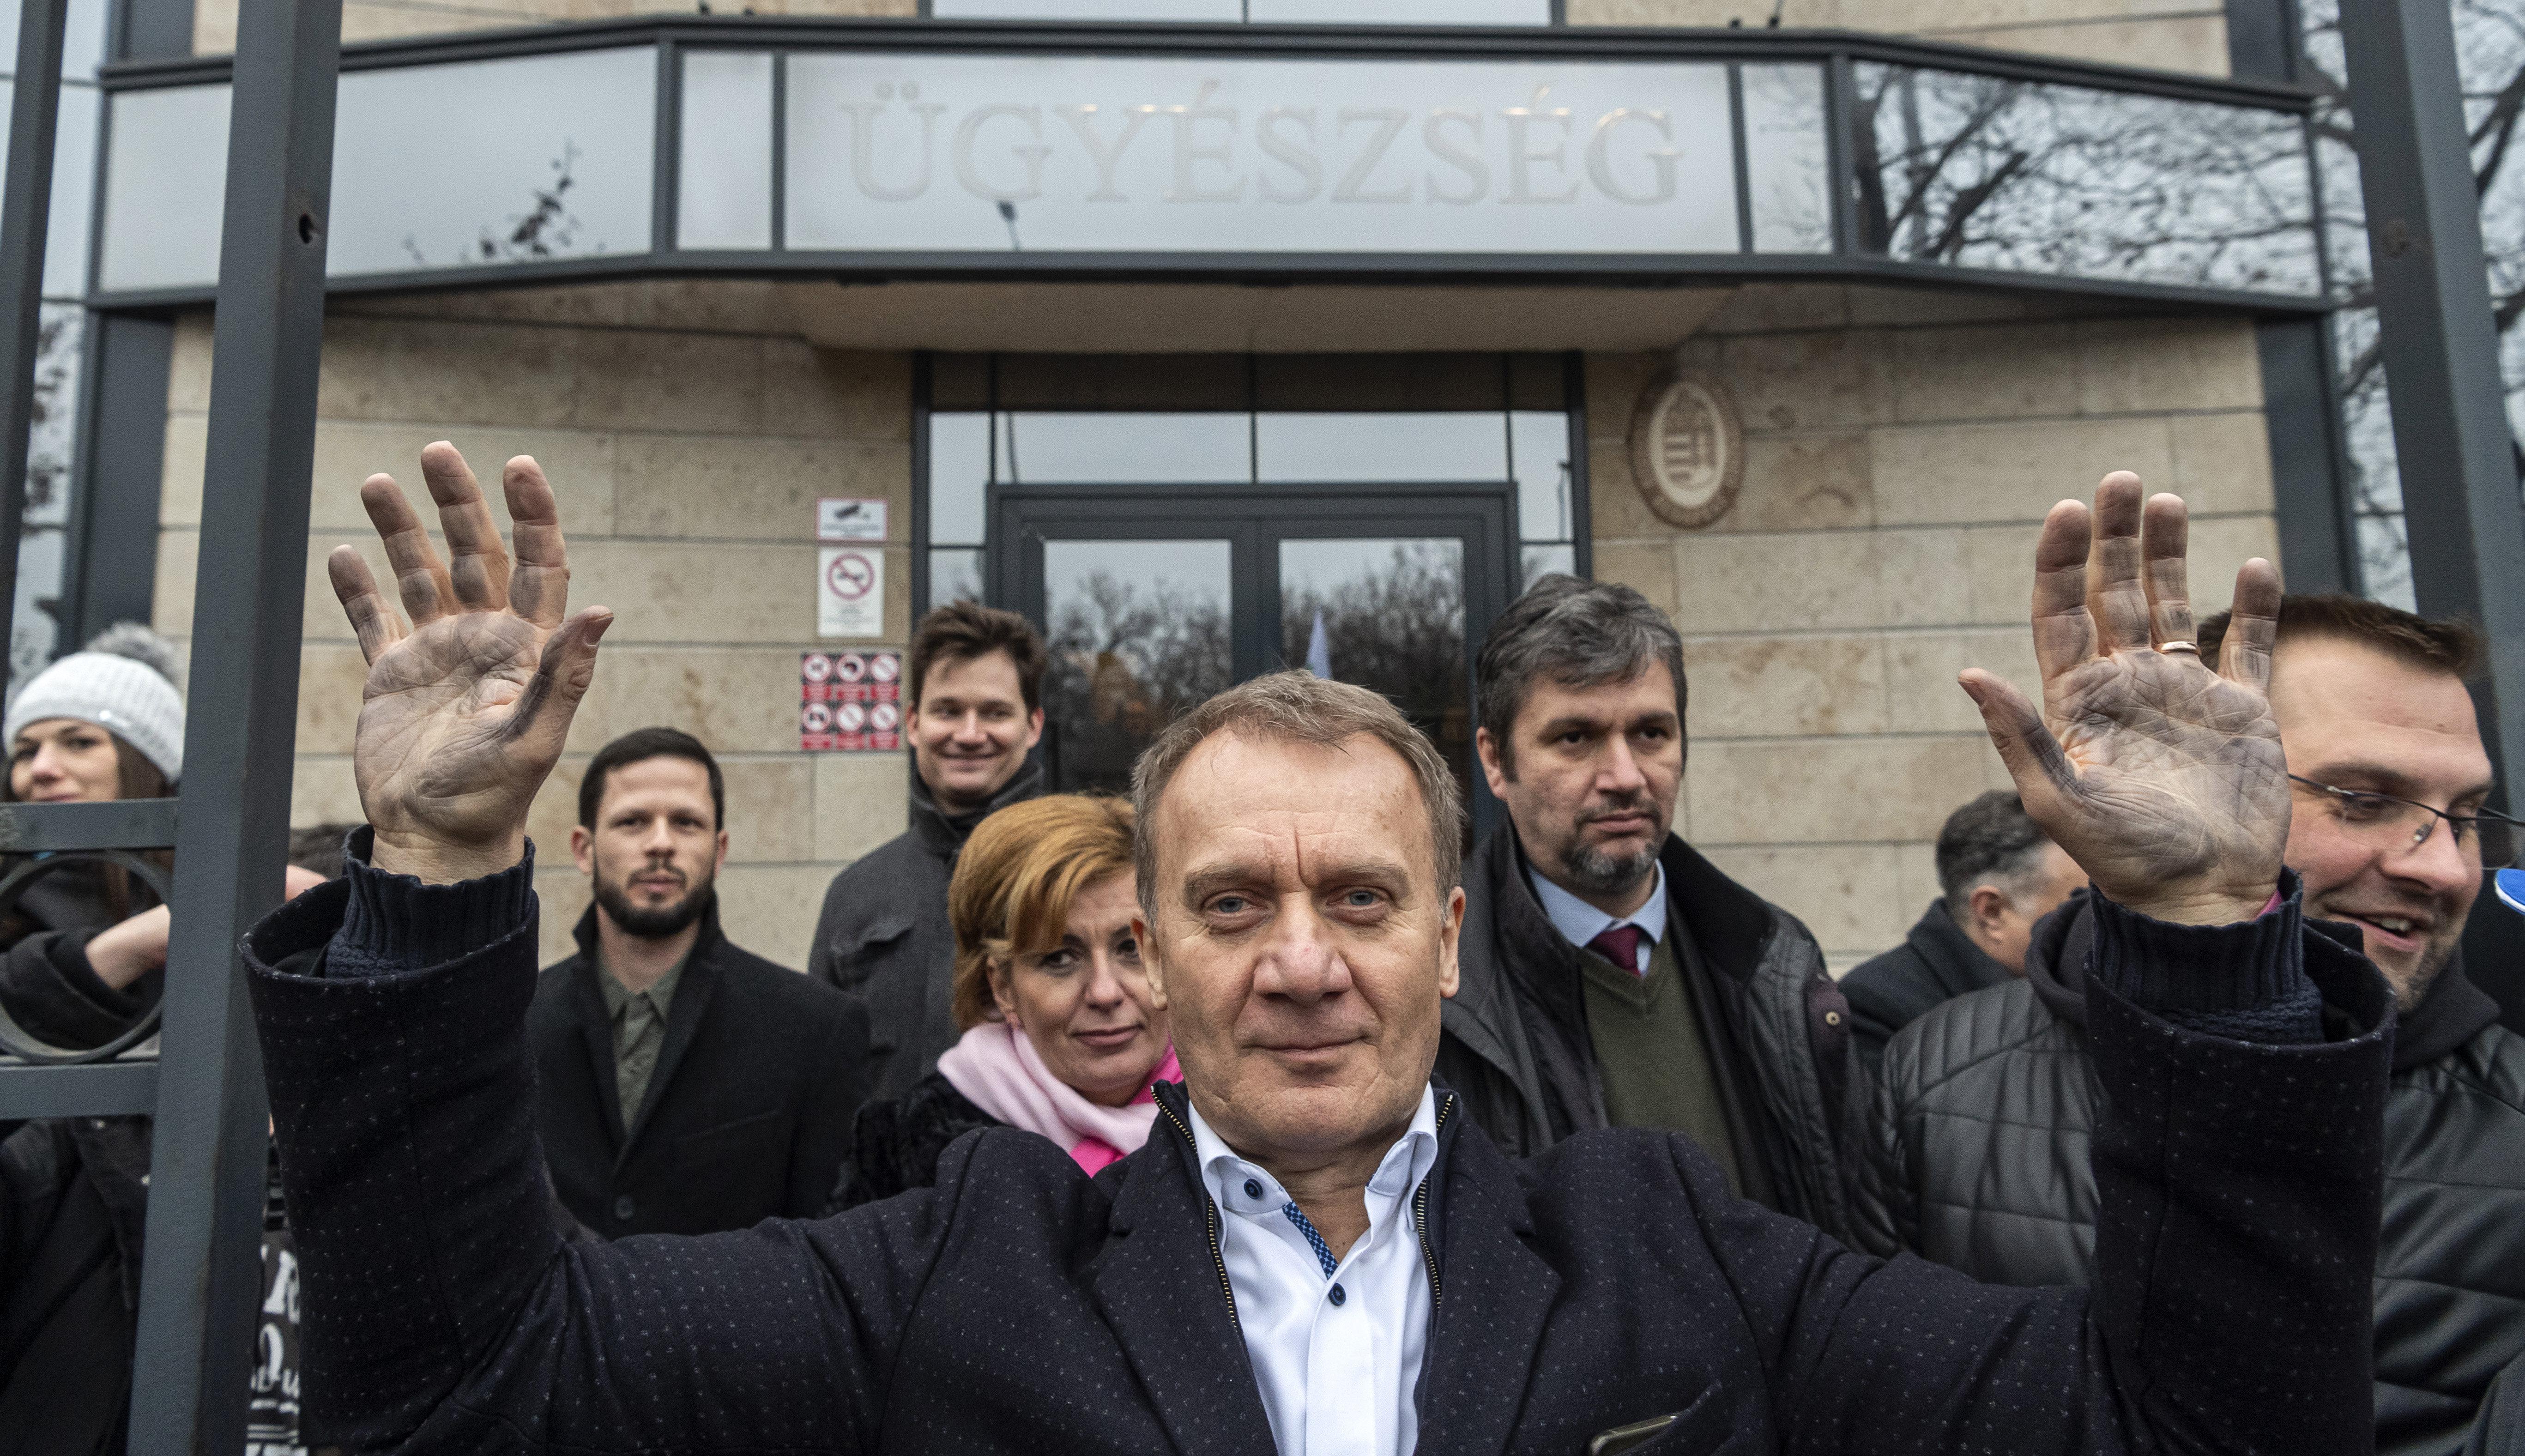 Kúria: Ha az M1 műsorvezetője utal az ellenzéki véleményekre, az már kiegyensúlyozott tájékoztatásnak minősül